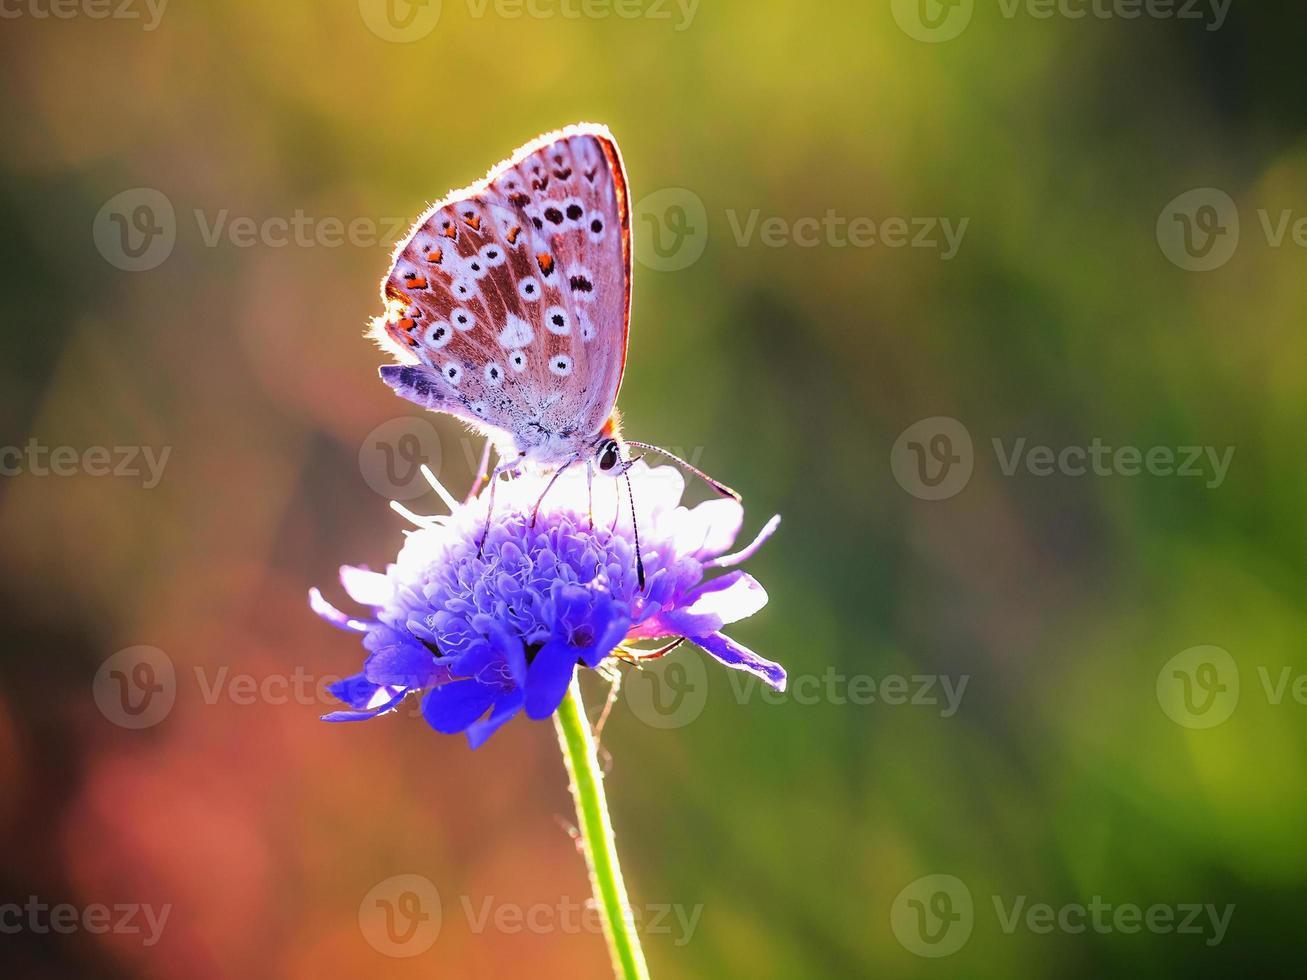 blauwe ragfijne gevleugelde vlinder in de avondzon foto